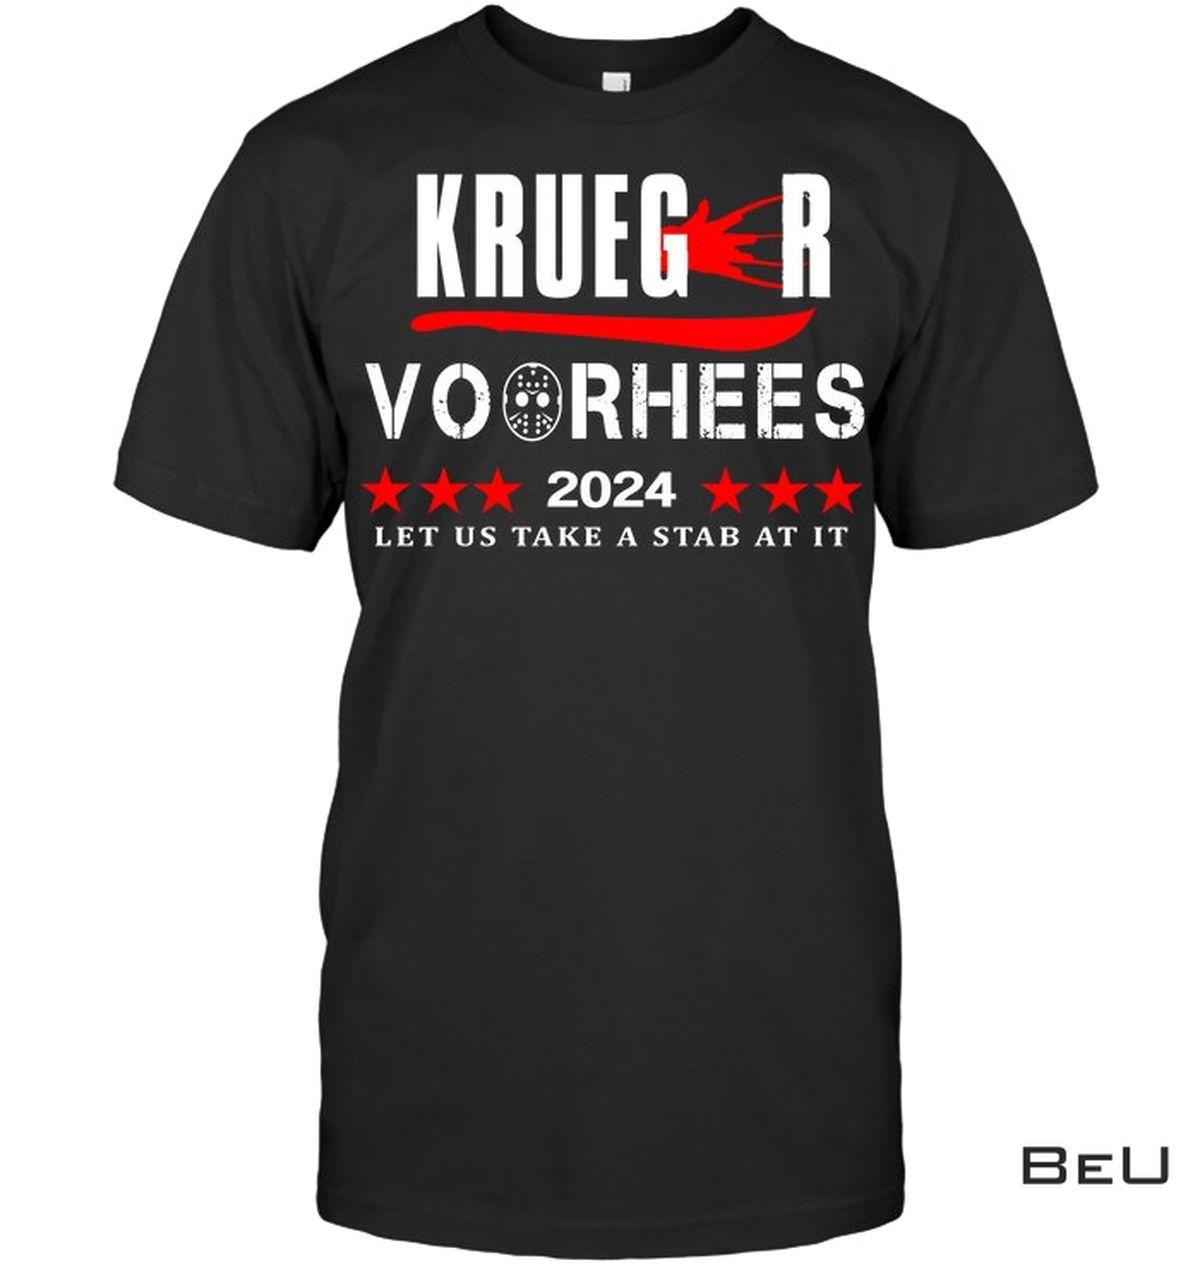 Krueger Voorhees 2024 Let Us Take A Stab Shirt, hoodie, tank top